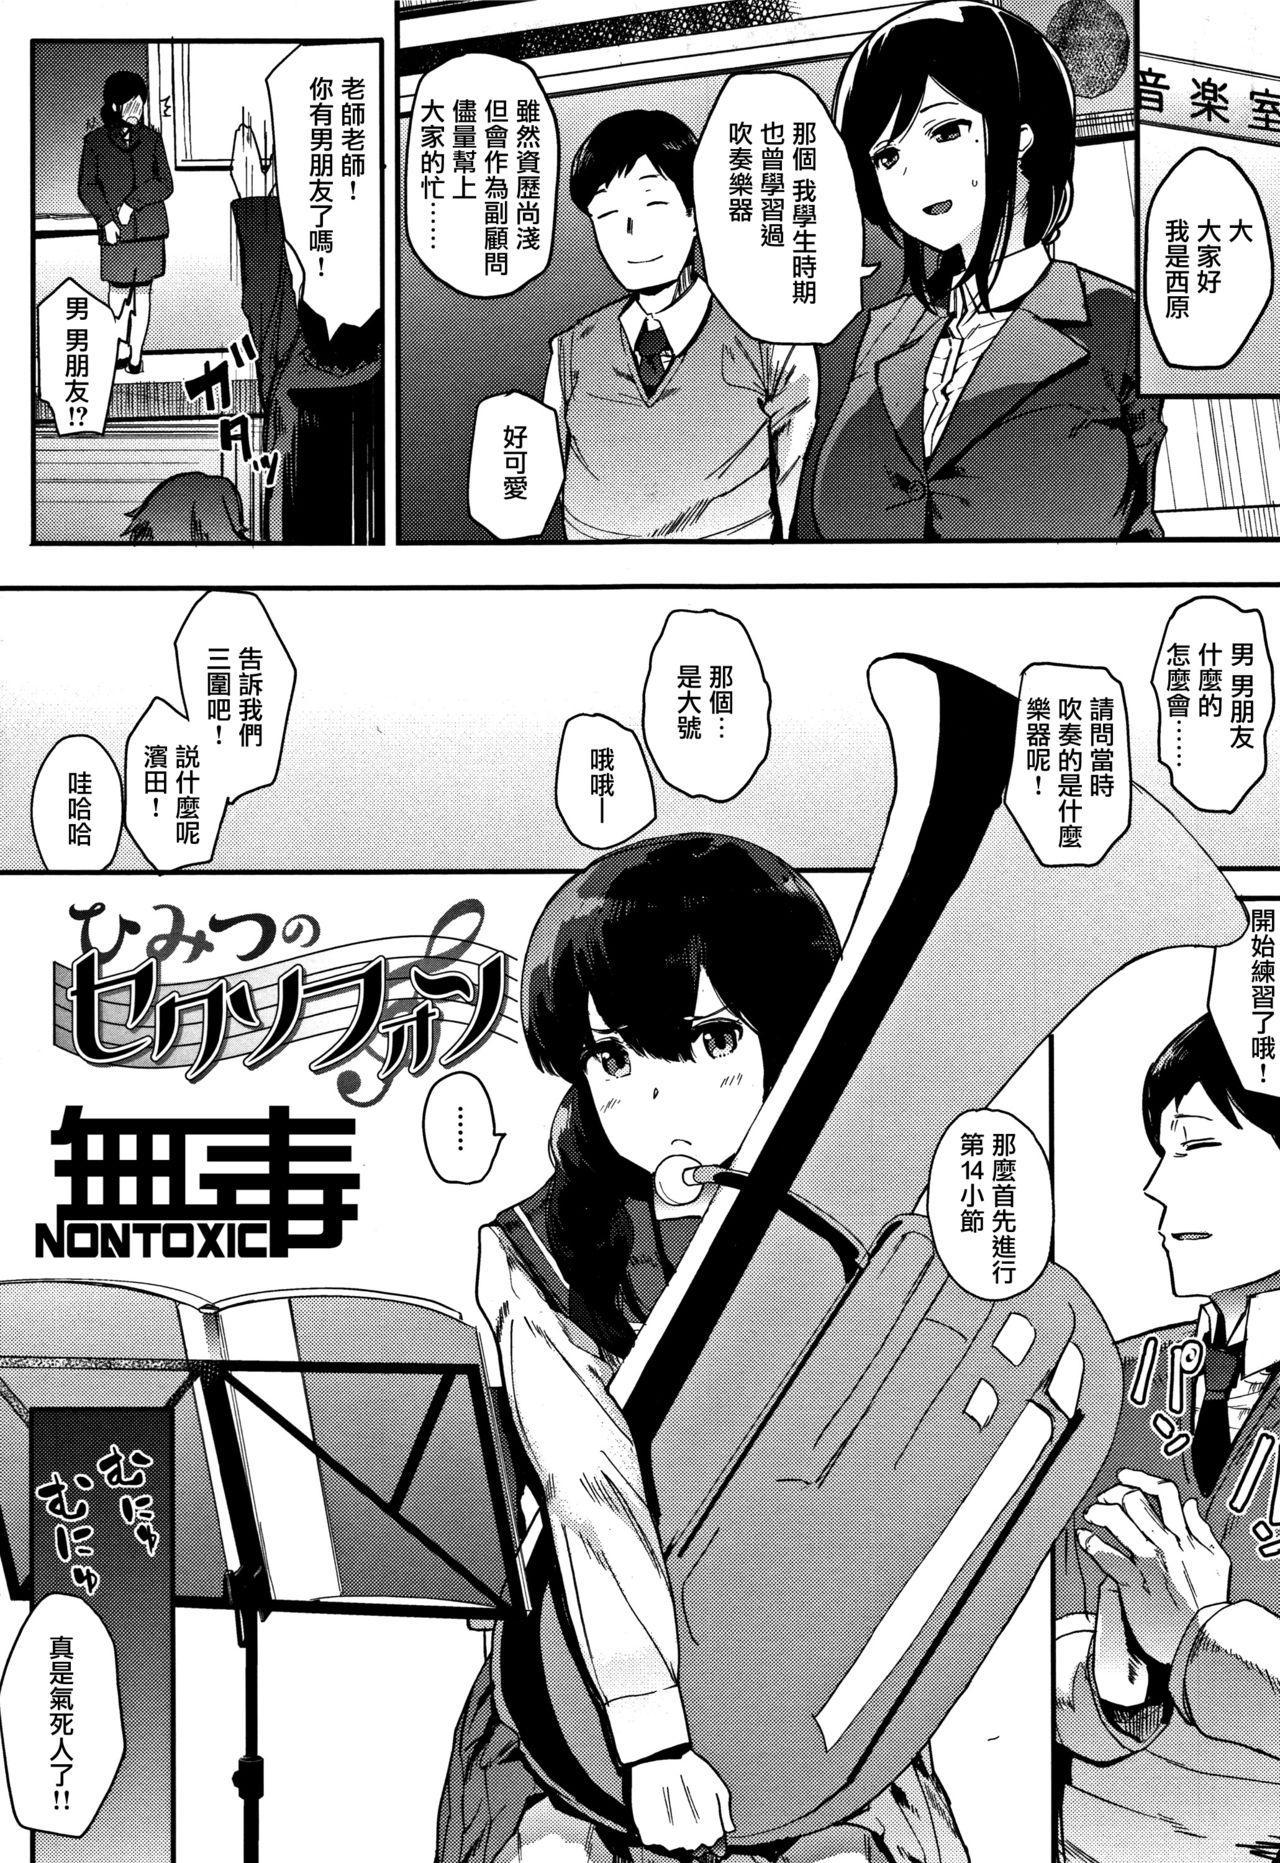 Himitsu no Saxophone 0